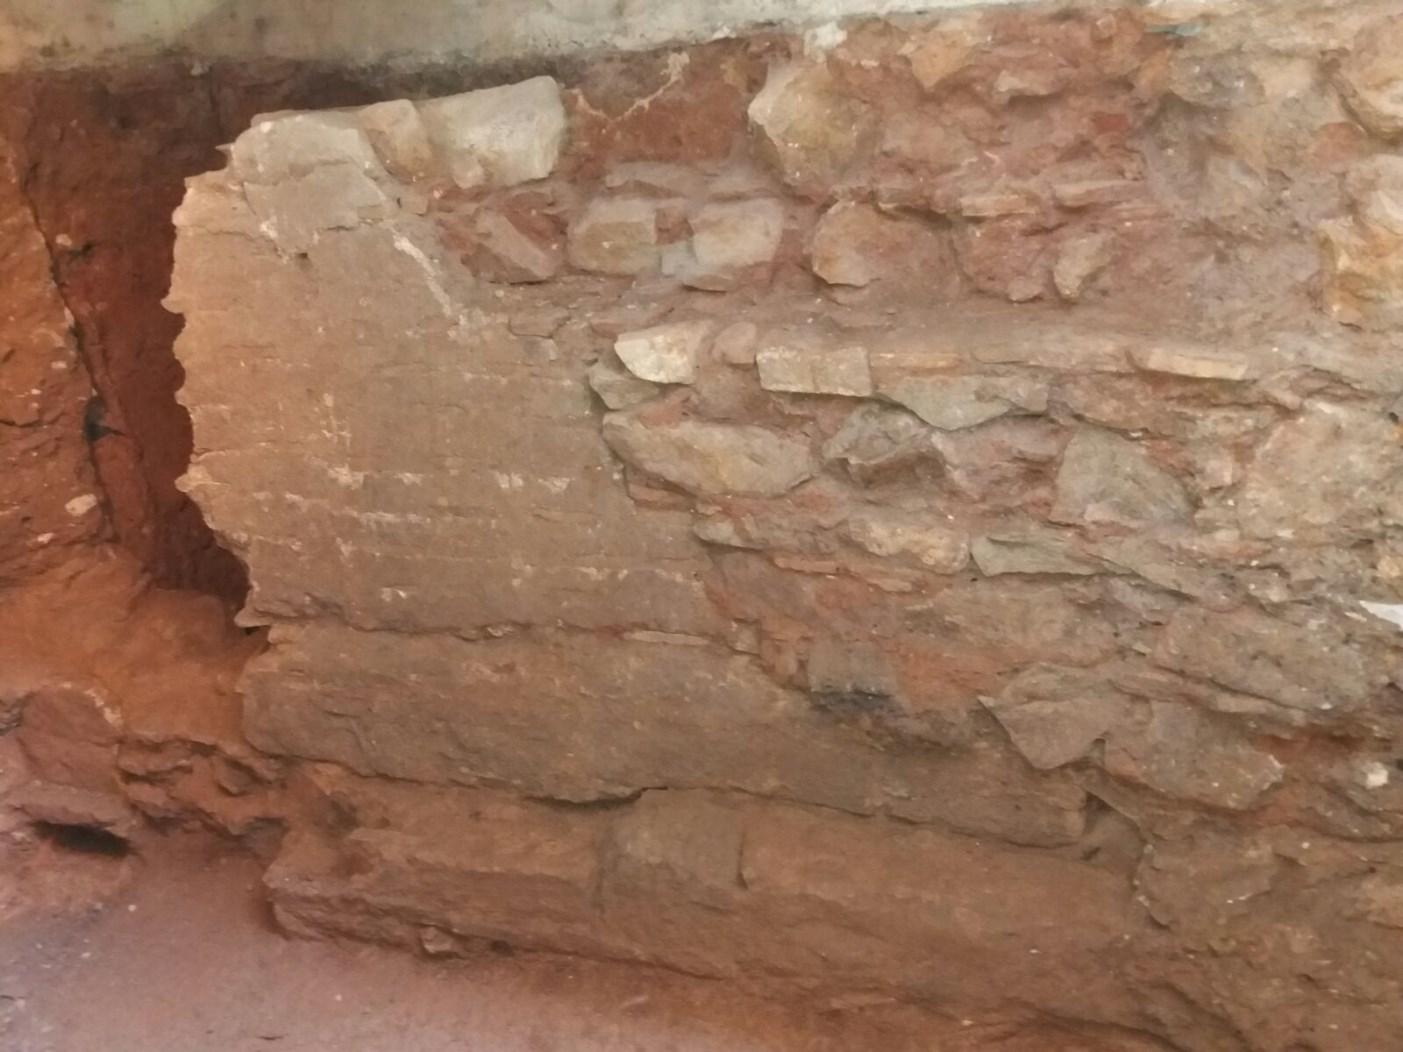 Mur medieval amb reformes modernes. Foto: Esteve Nadal (ACTIUM)